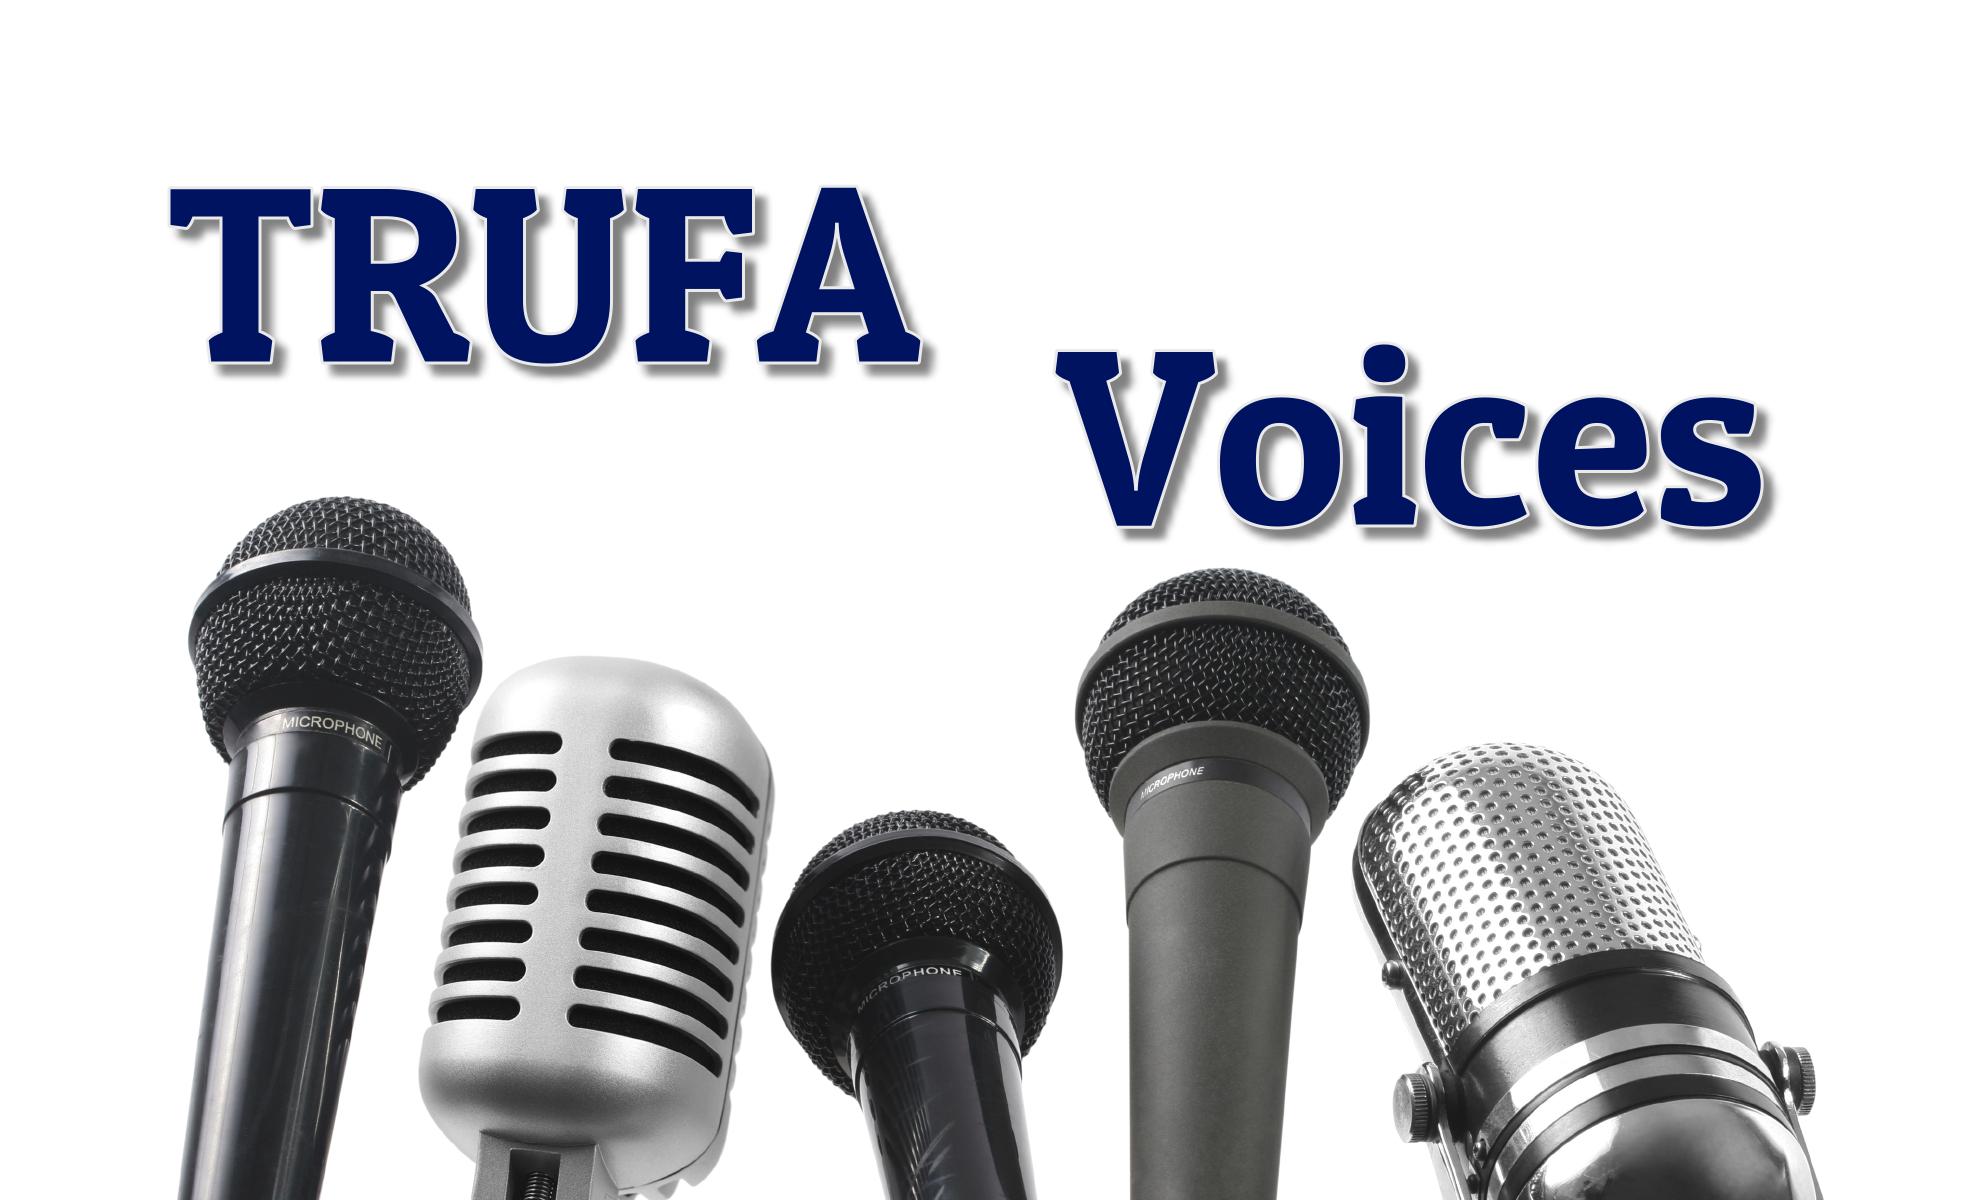 TRUFA Voices